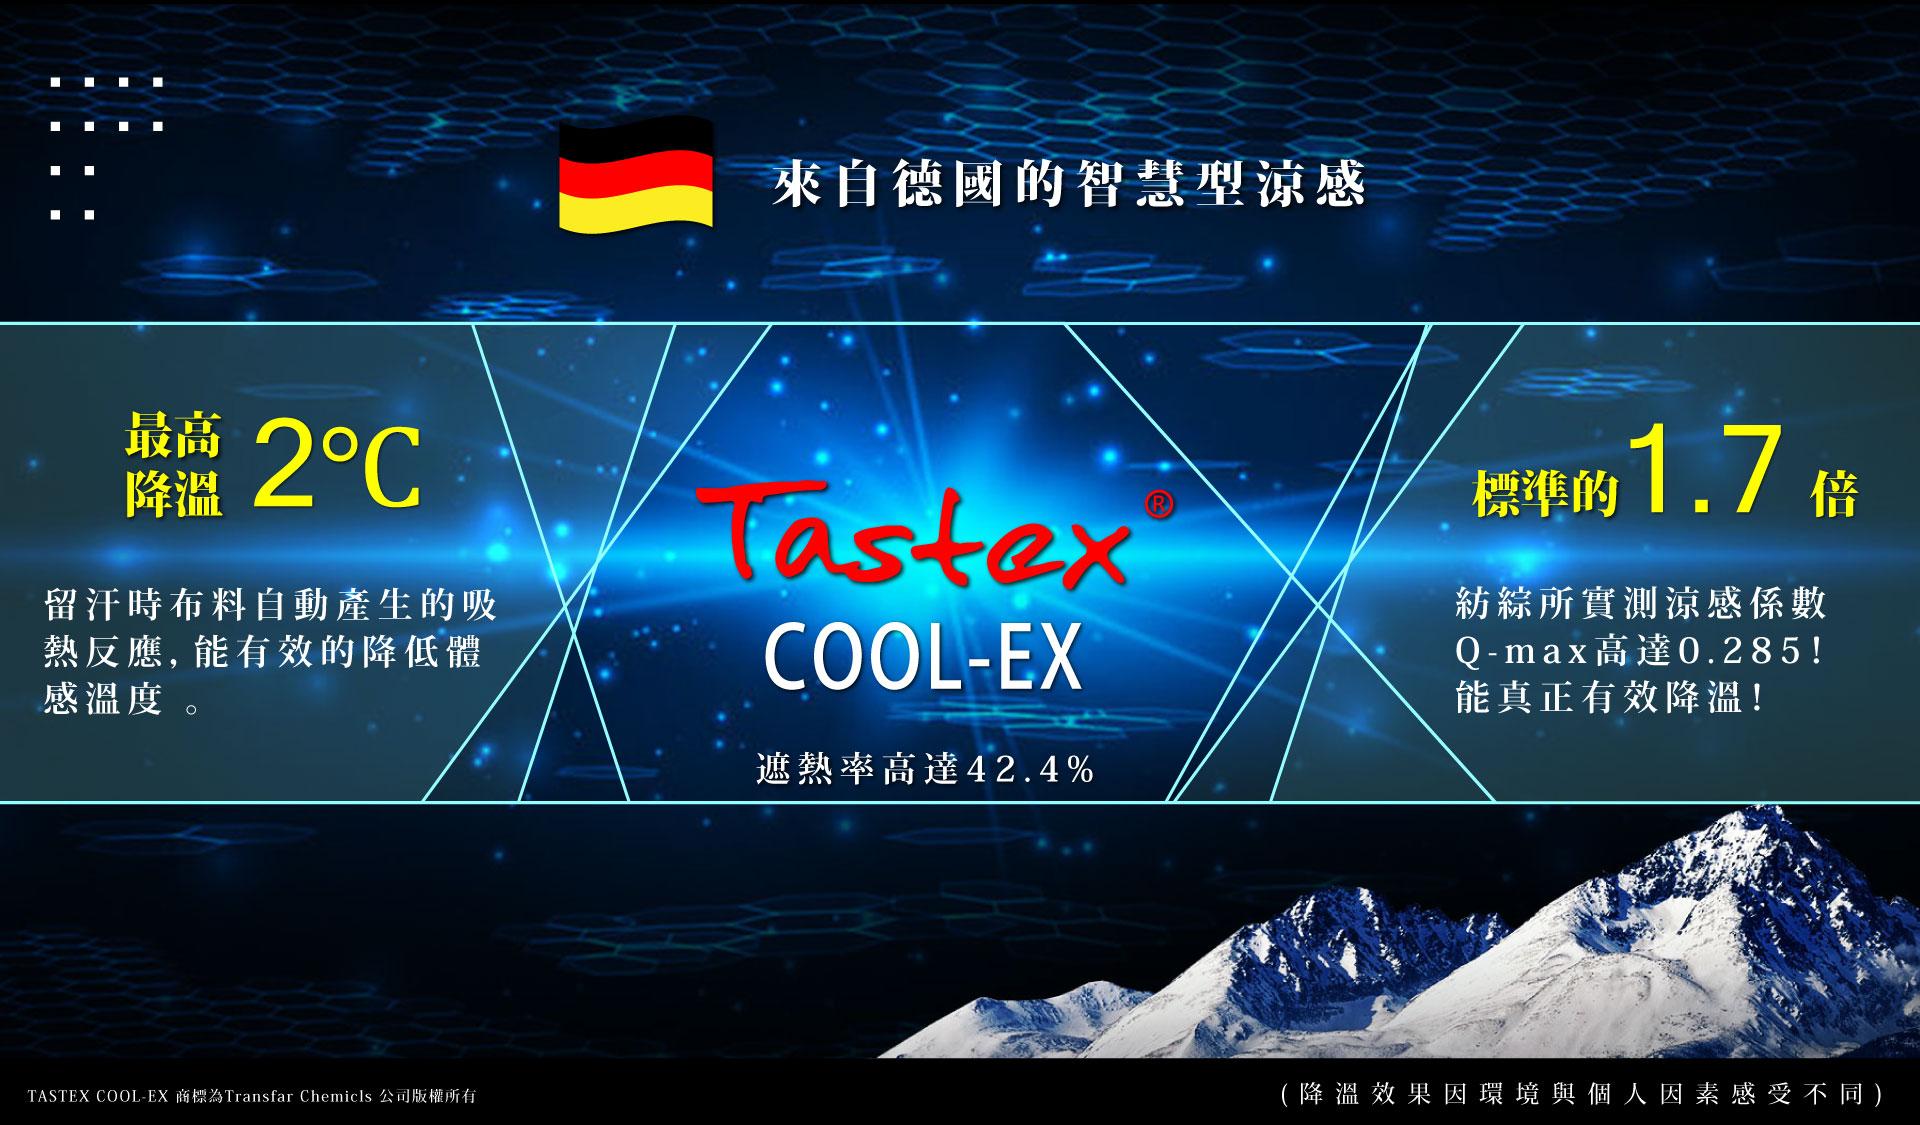 衣十五科技機能布料-蚵殼紗添加了德國的Tastex COOL-EX智慧型涼感,遮熱率高達42.4%且添加木醣醇能有感降溫2度,經實測涼感係數Q-max值是標準的1.7倍